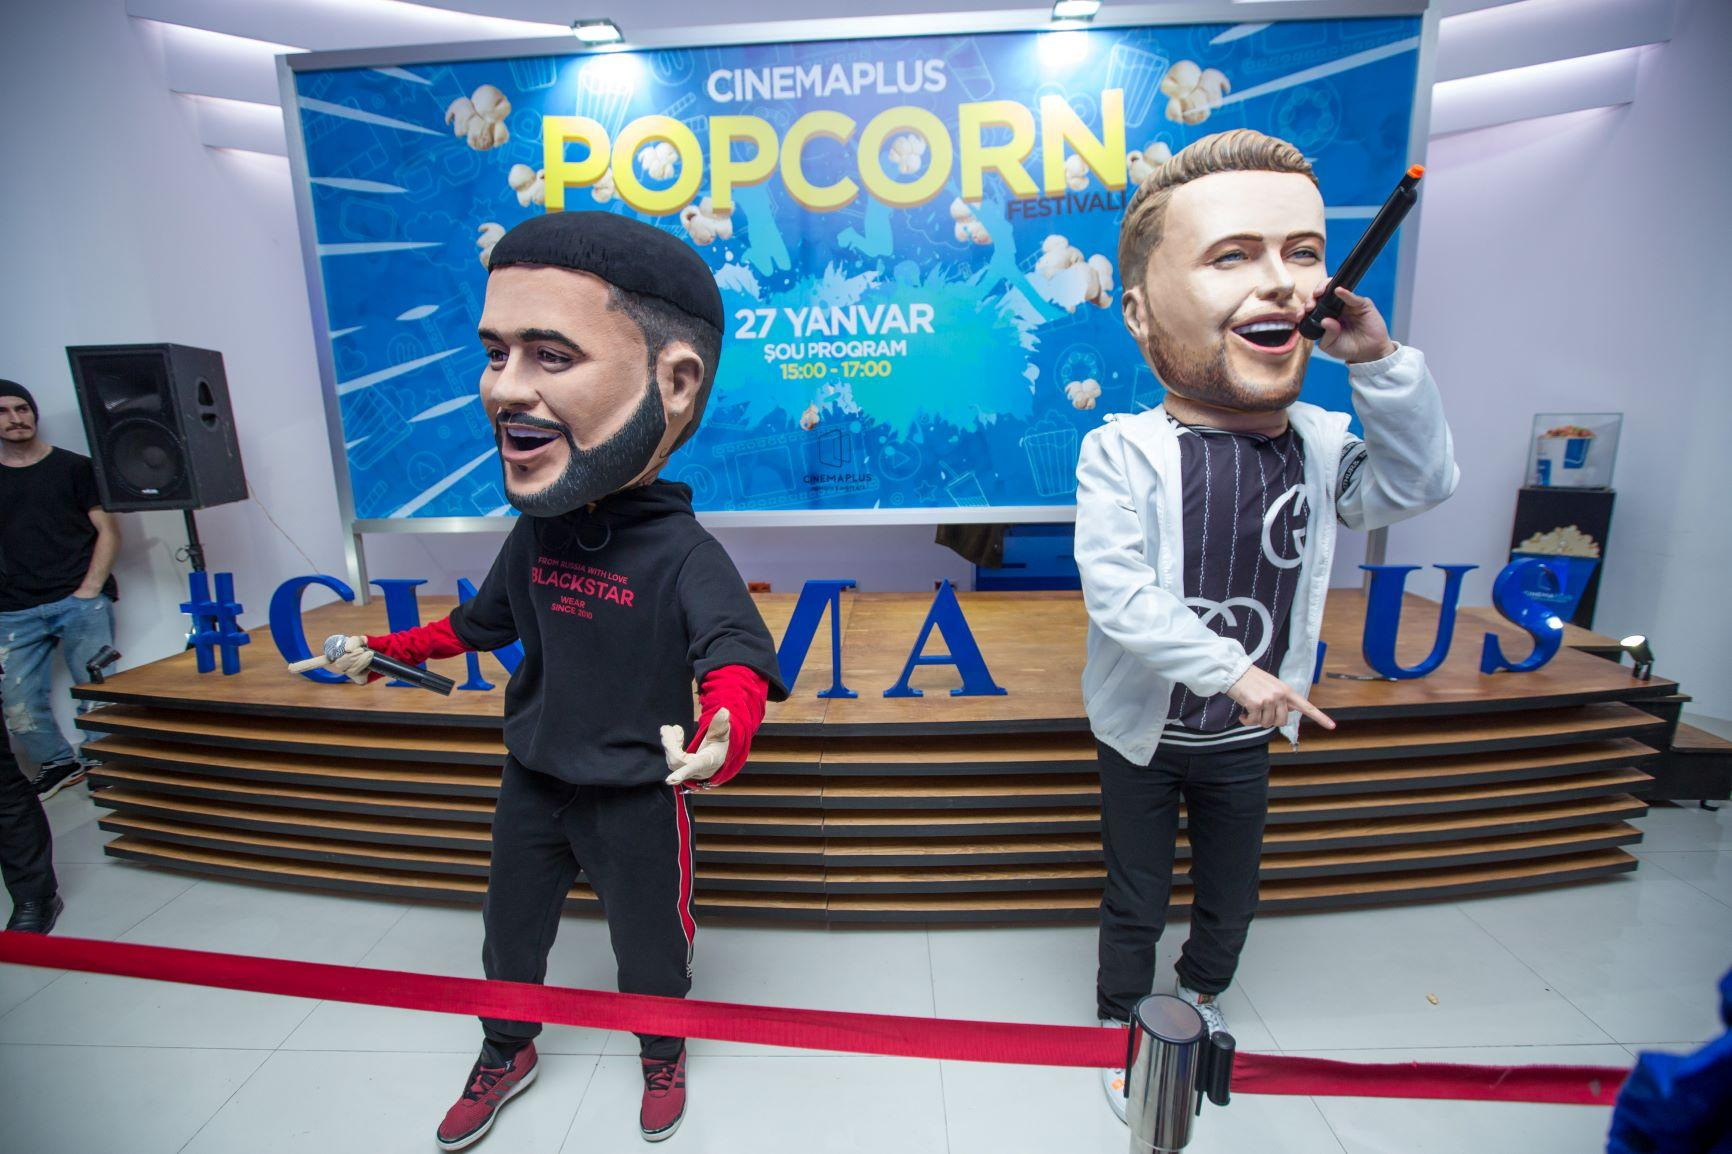 В Баку прошел оригинальный  Фестиваль попкорна (ВИДЕО, ФОТО)